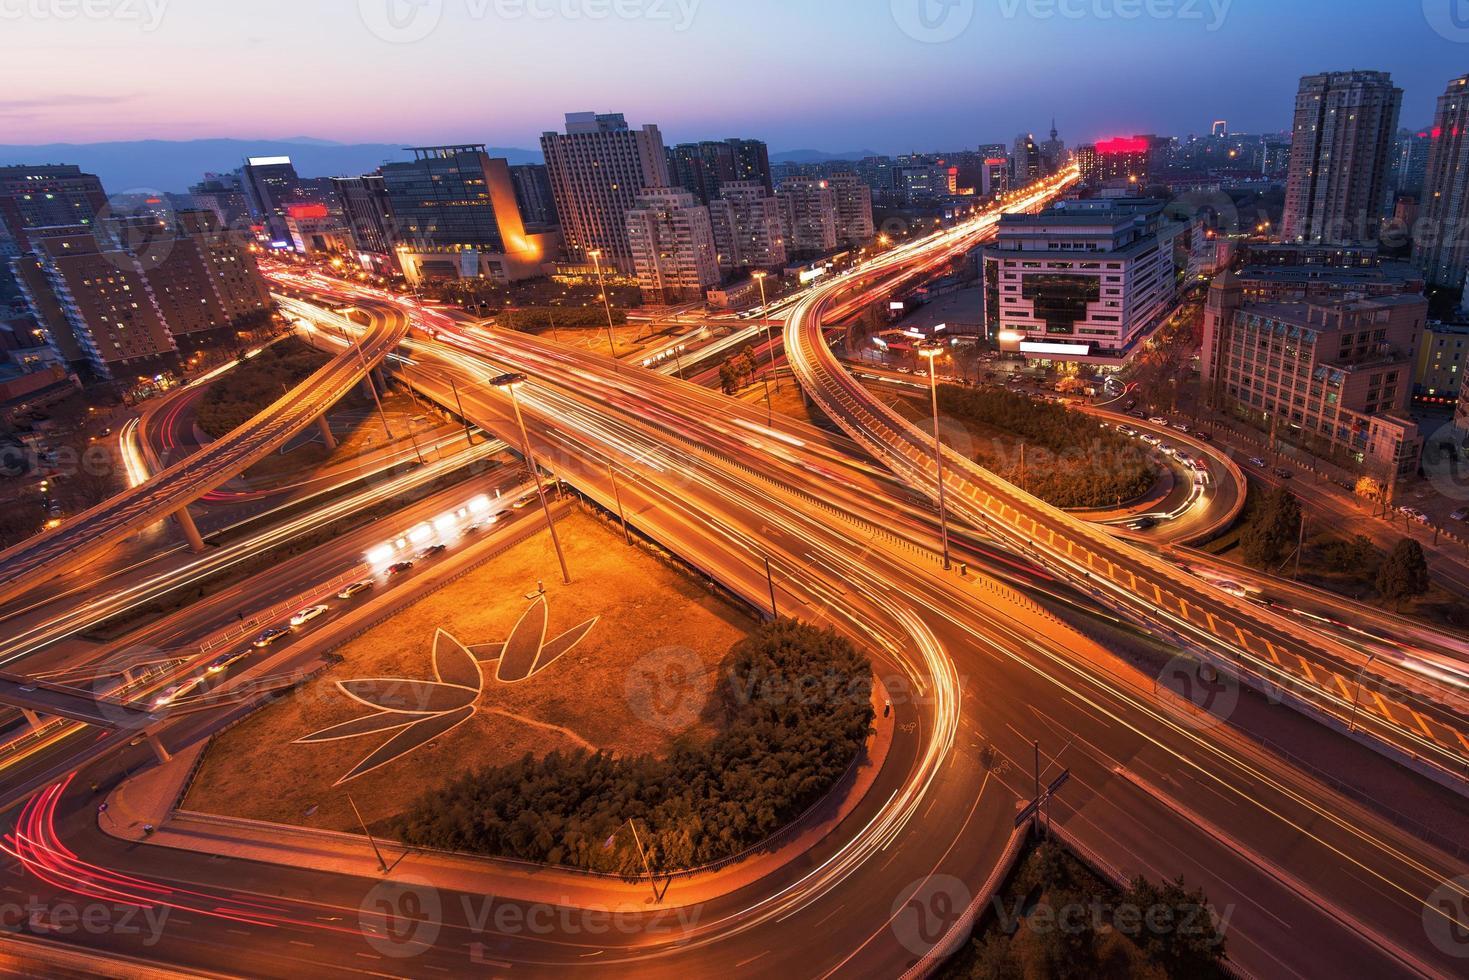 viaduto de beijing china após o pôr do sol à noite foto